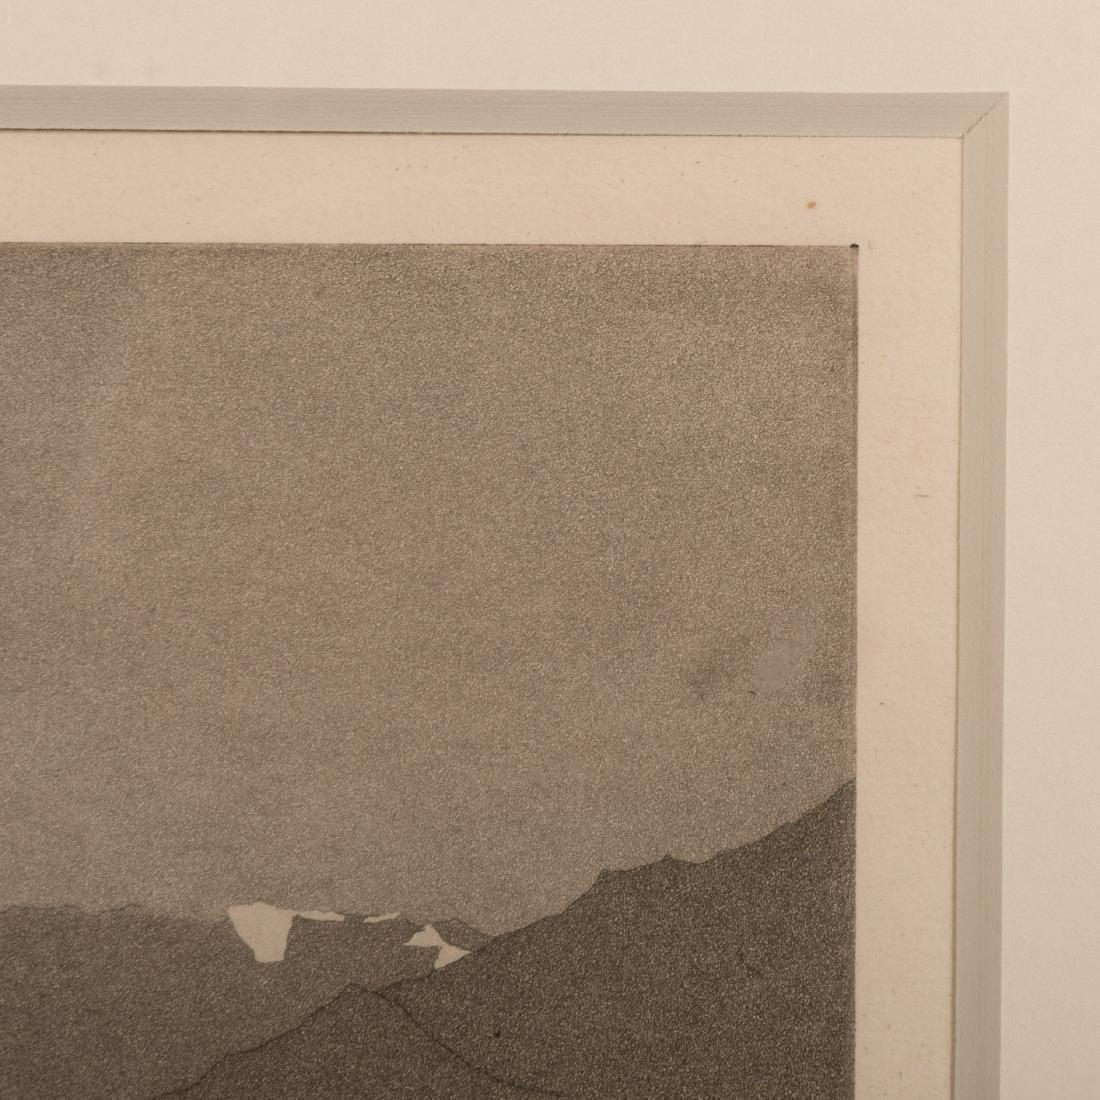 John Taylor Arms - On Lake Como #2 - Aquatint - 5